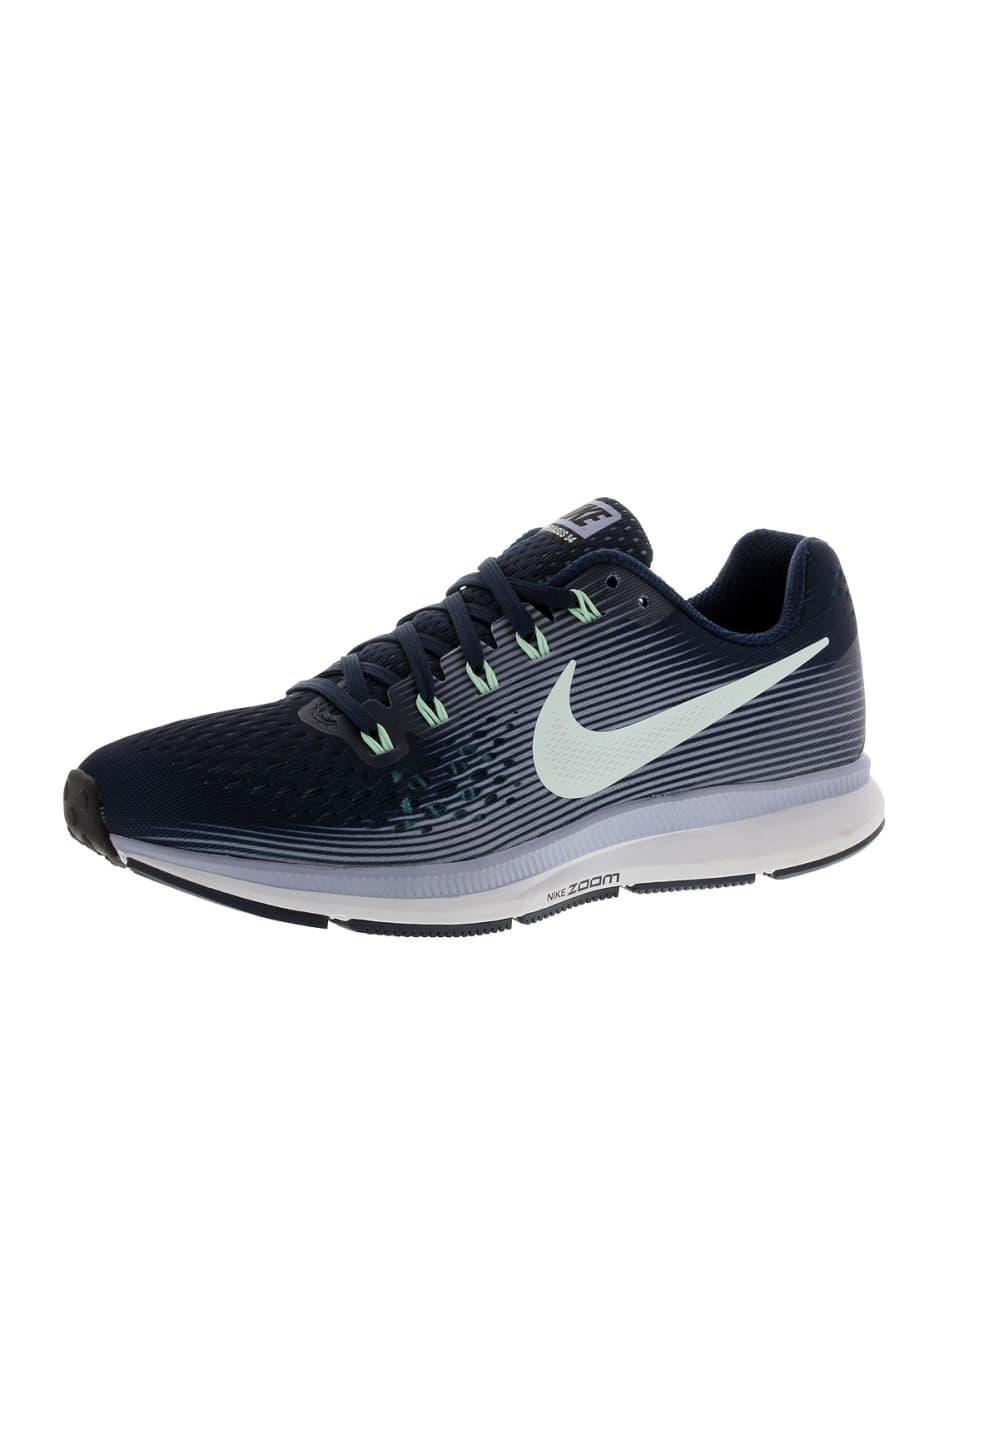 Kaufen Sie Nike Air Zoom Pegasus 34 Laufschuhe online zu